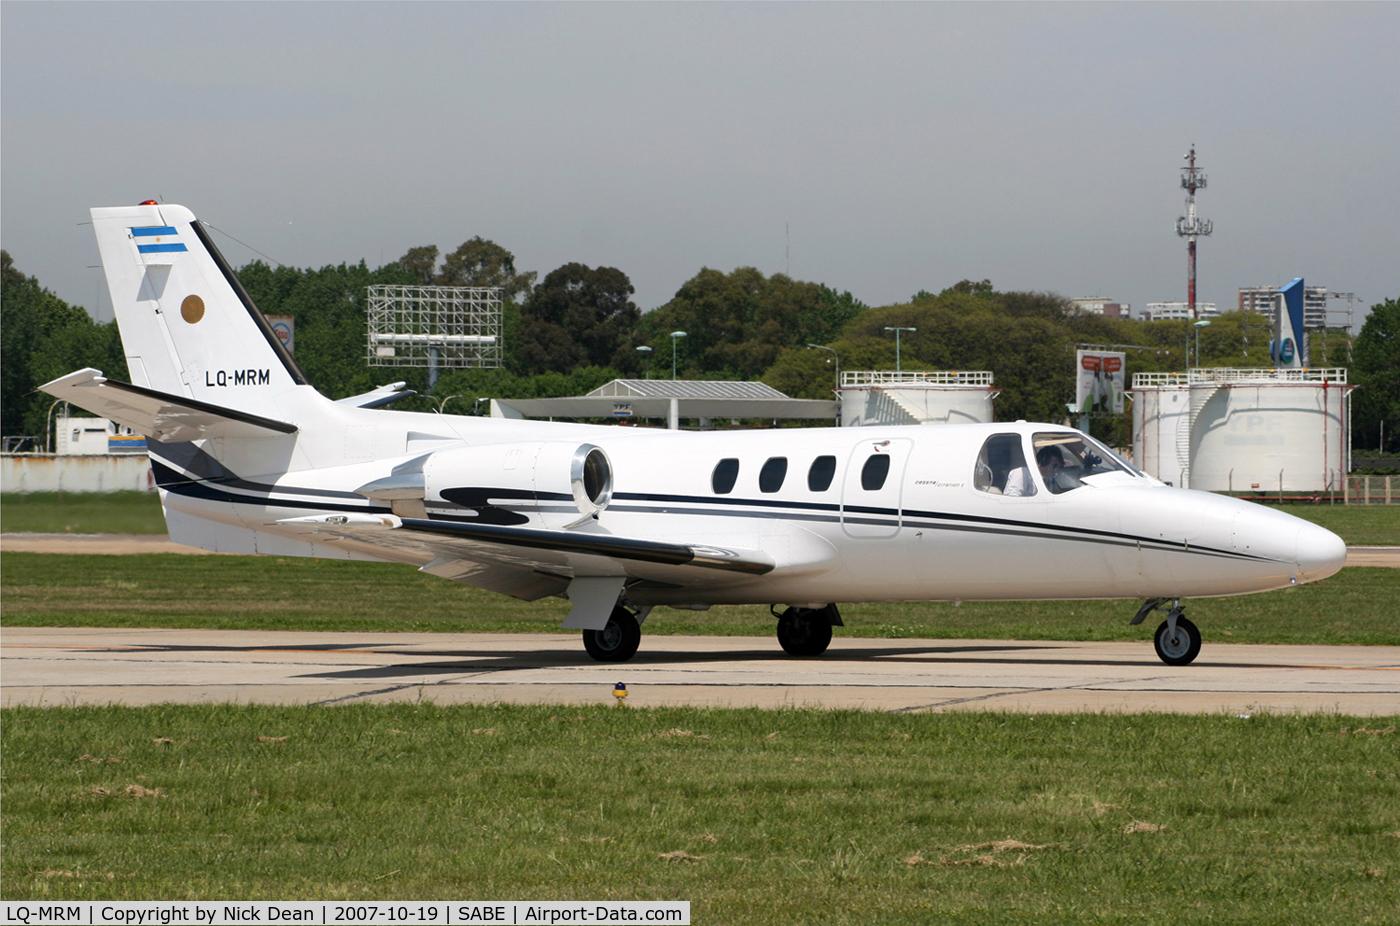 LQ-MRM, 1978 Cessna 500 Citation I C/N 500-0386, SABE